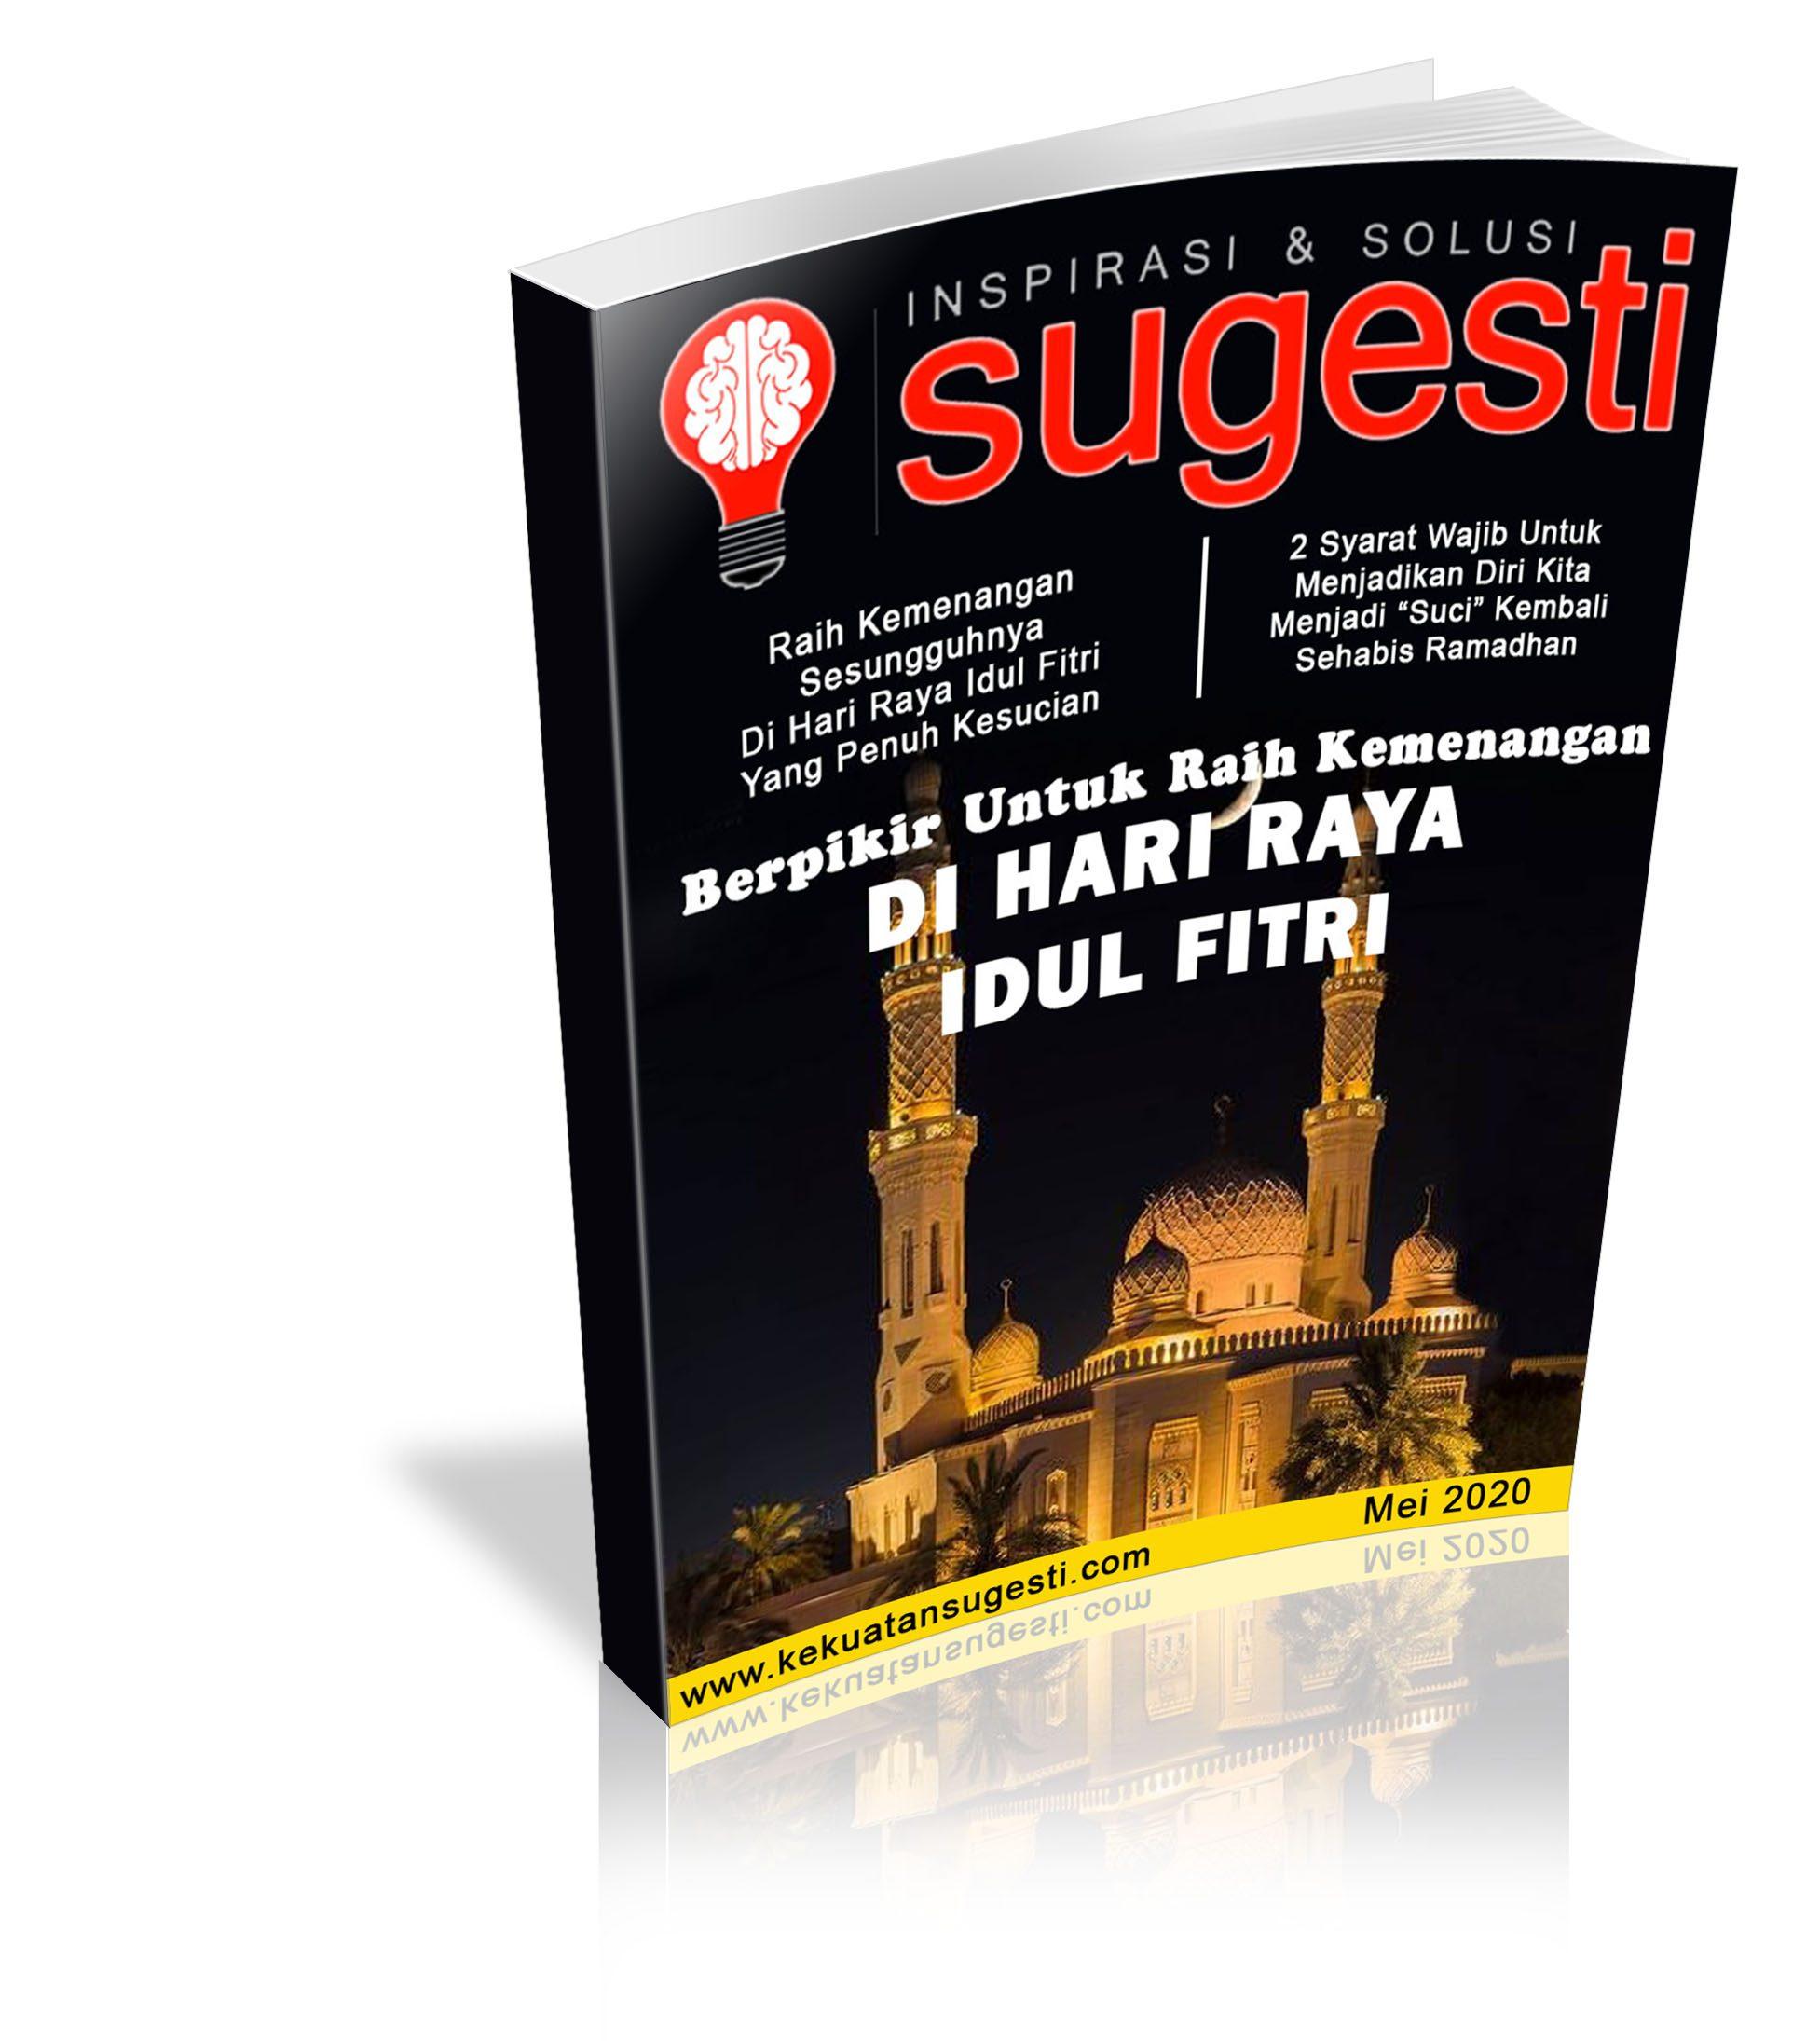 Majalah Sugesti Edisi ke Tujuhpuluh Satu bulan Mei 2020